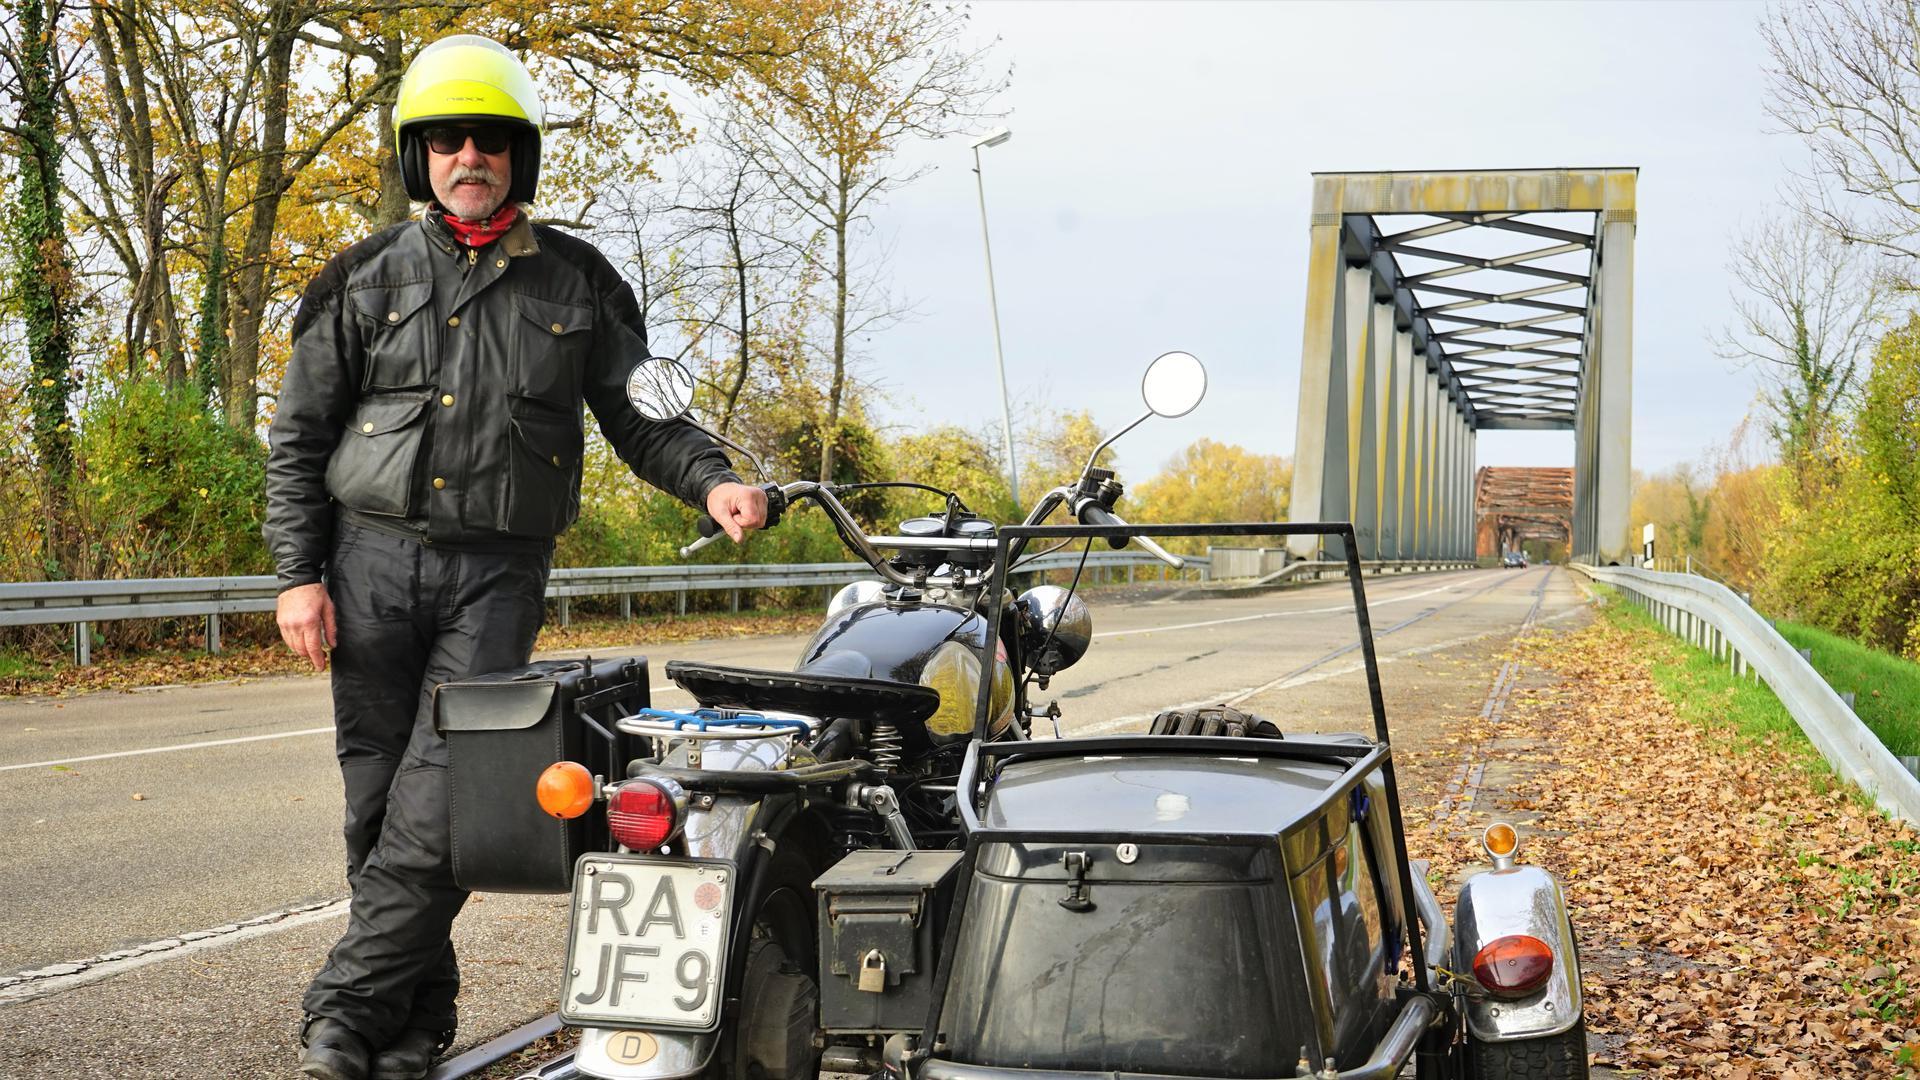 Mann Motorrad Wintersdorfer Brücke (Rastatt)